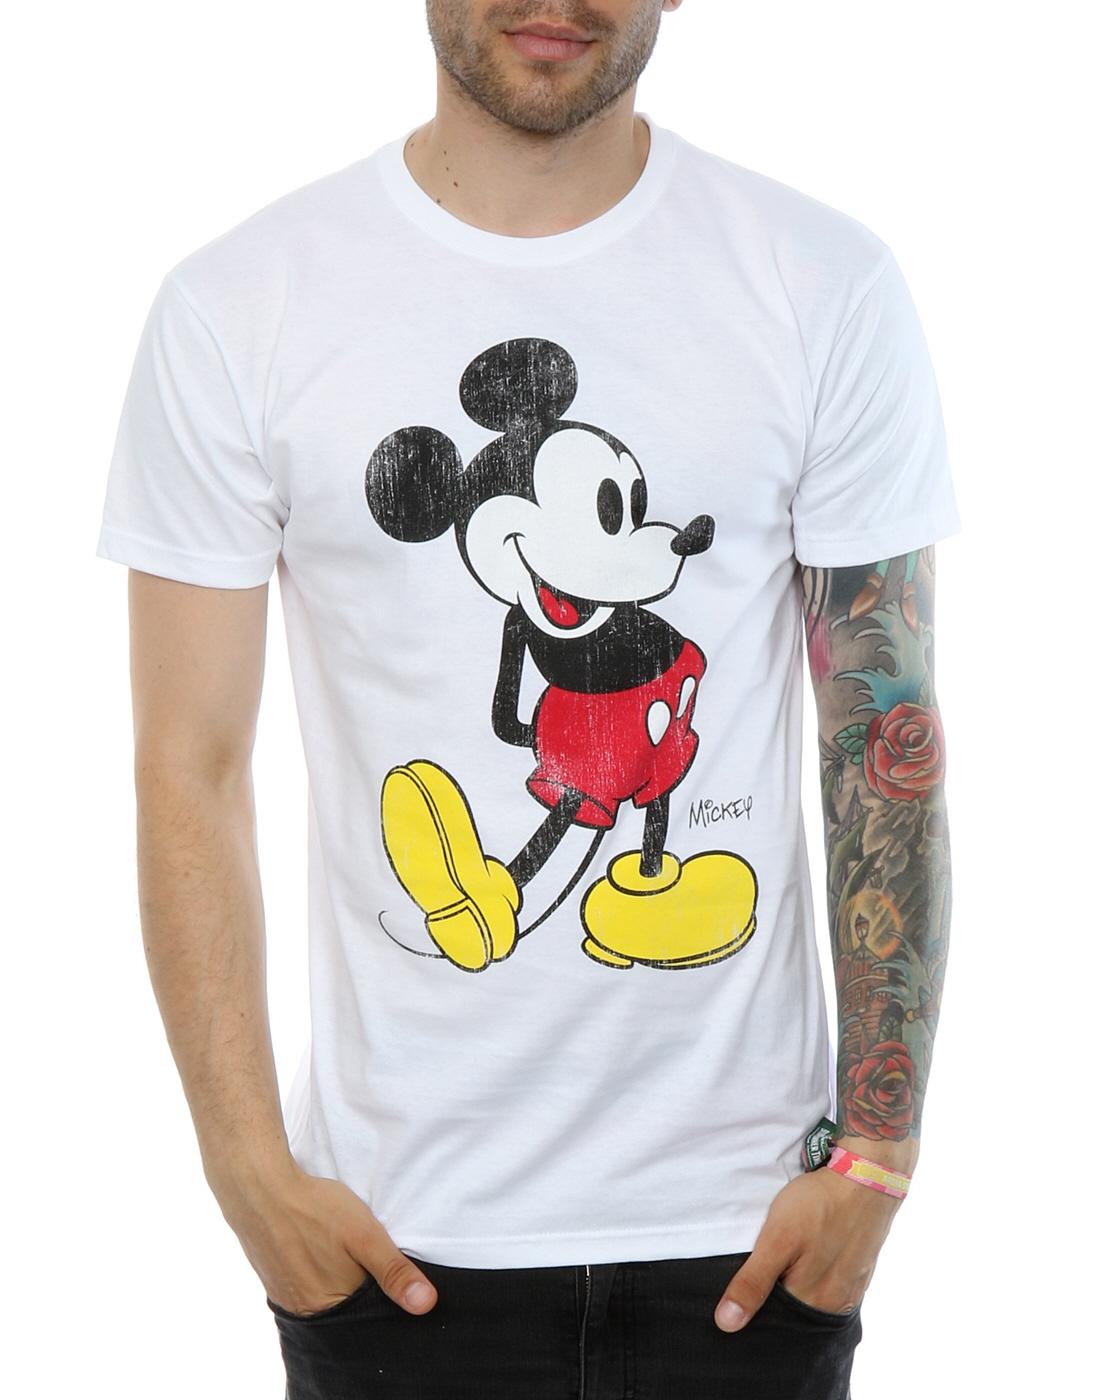 b8e8e6885 Disney Men's Mickey Mouse Classic Kick T-Shirt | eBay